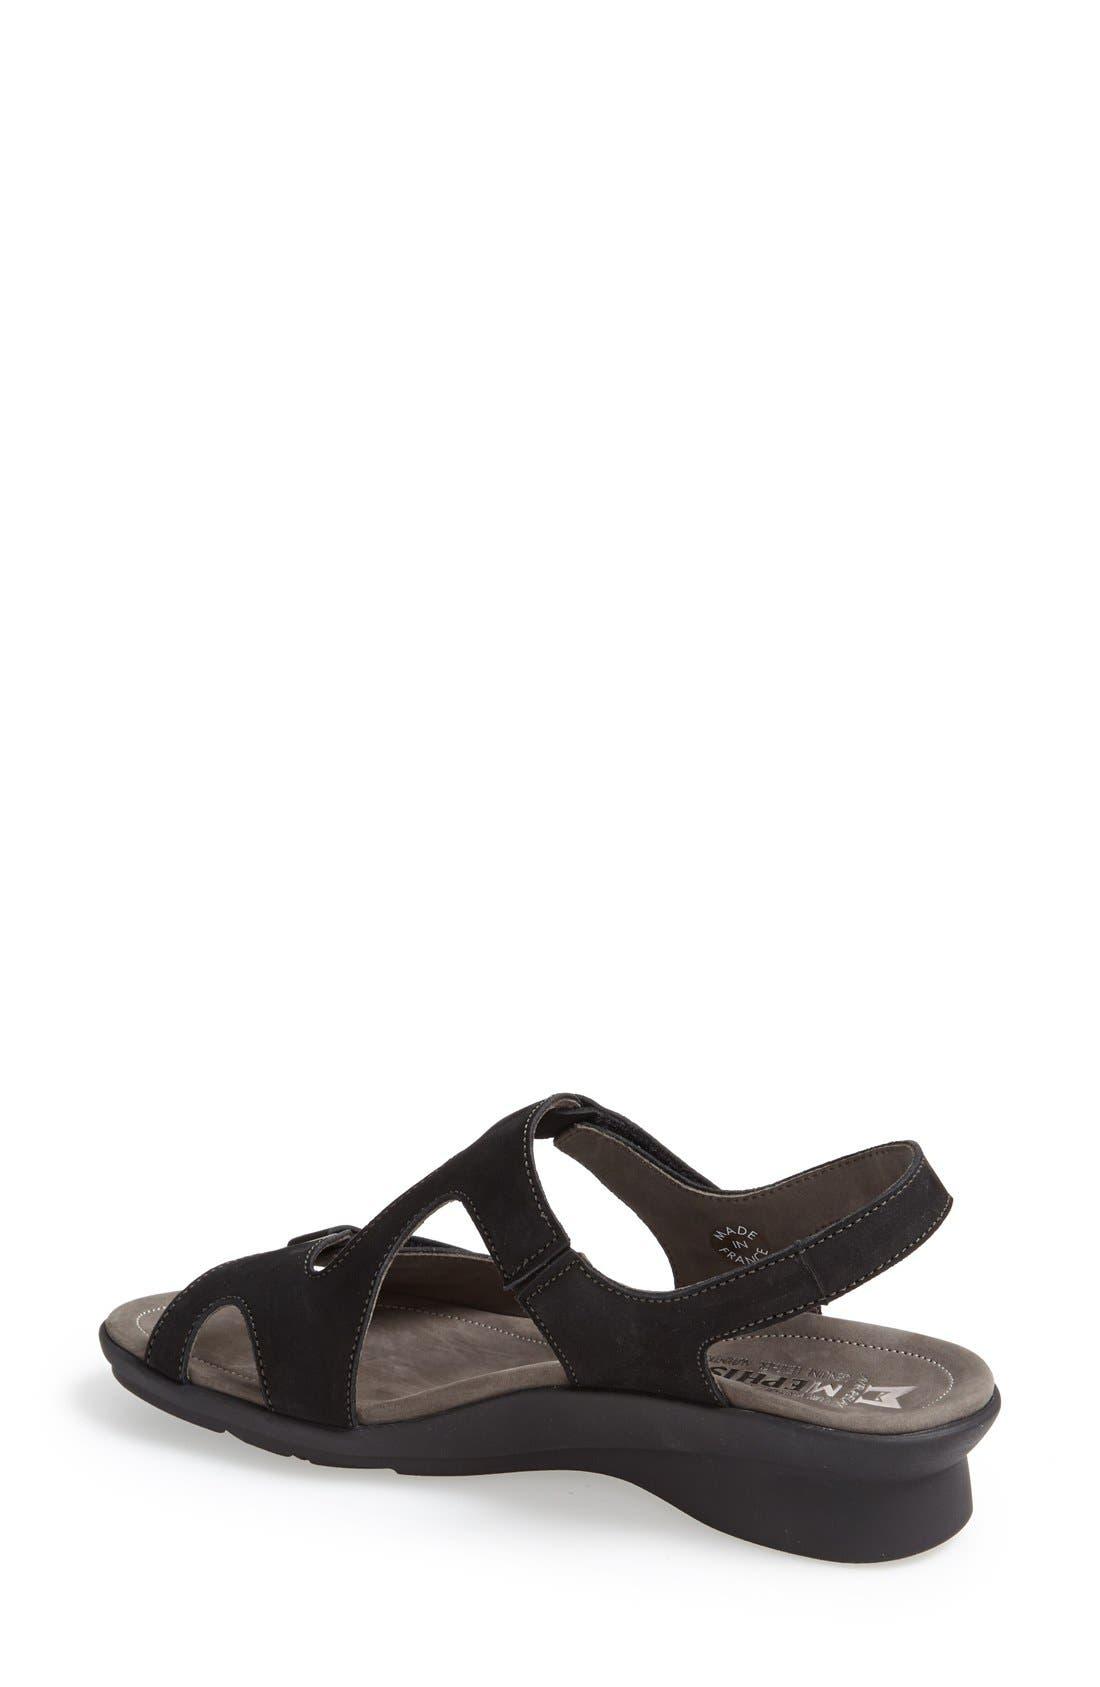 MEPHISTO, 'Paris' Slingback Sandal, Alternate thumbnail 5, color, BLACK